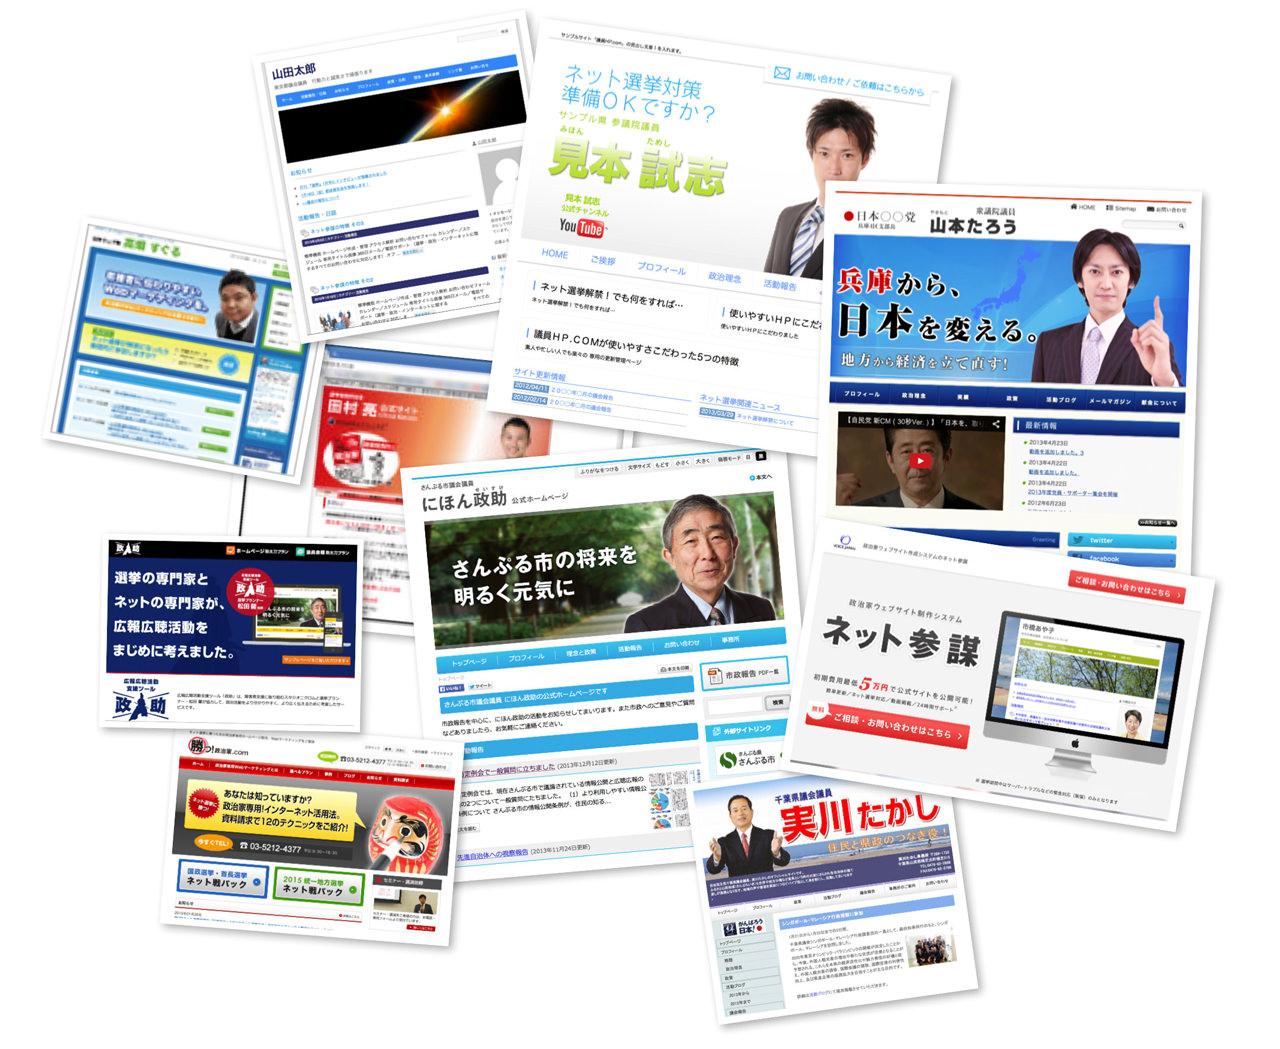 ネット選挙!ウェブ制作サービス8選